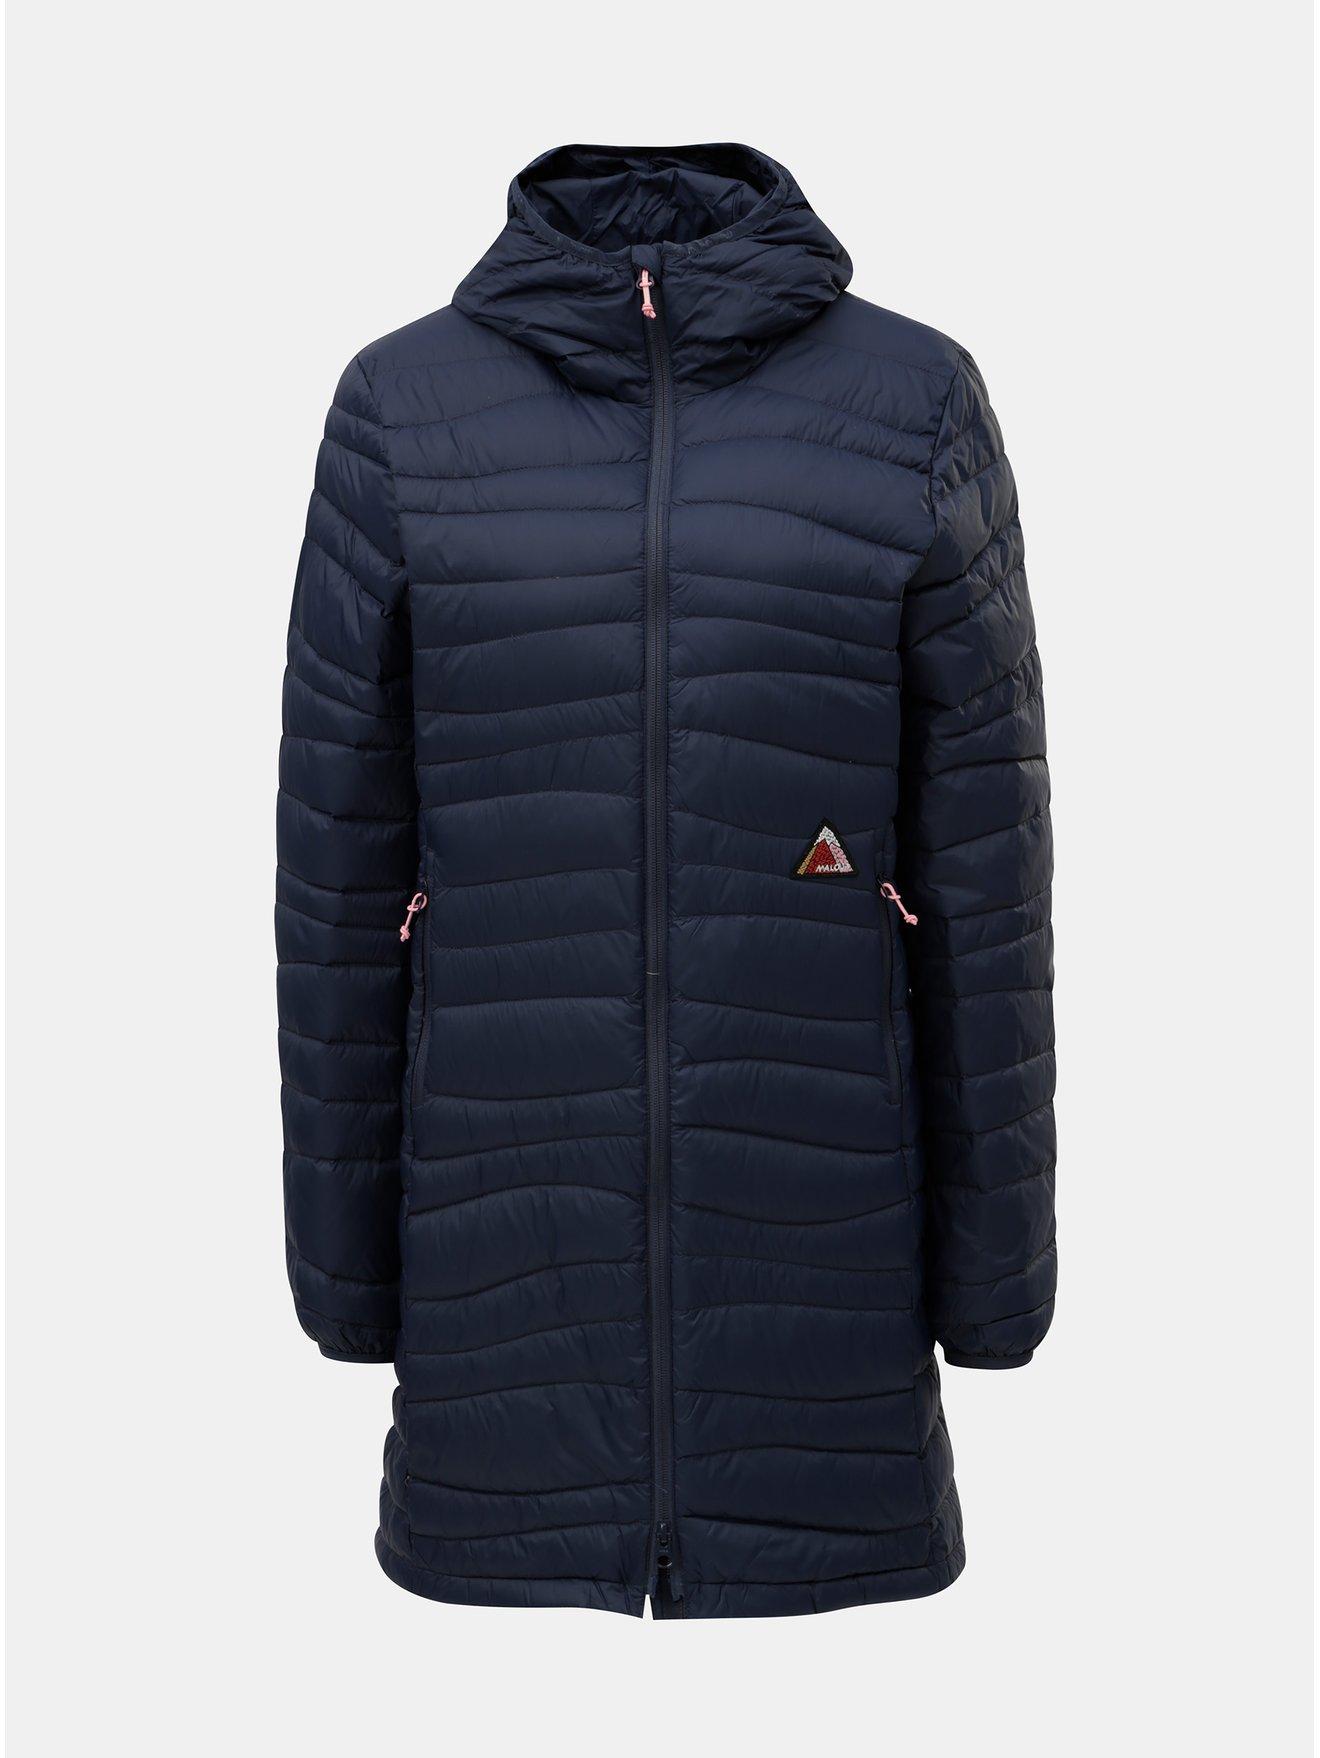 Tmavě modrý dámský voděodpudivý péřový kabát Maloja Fora